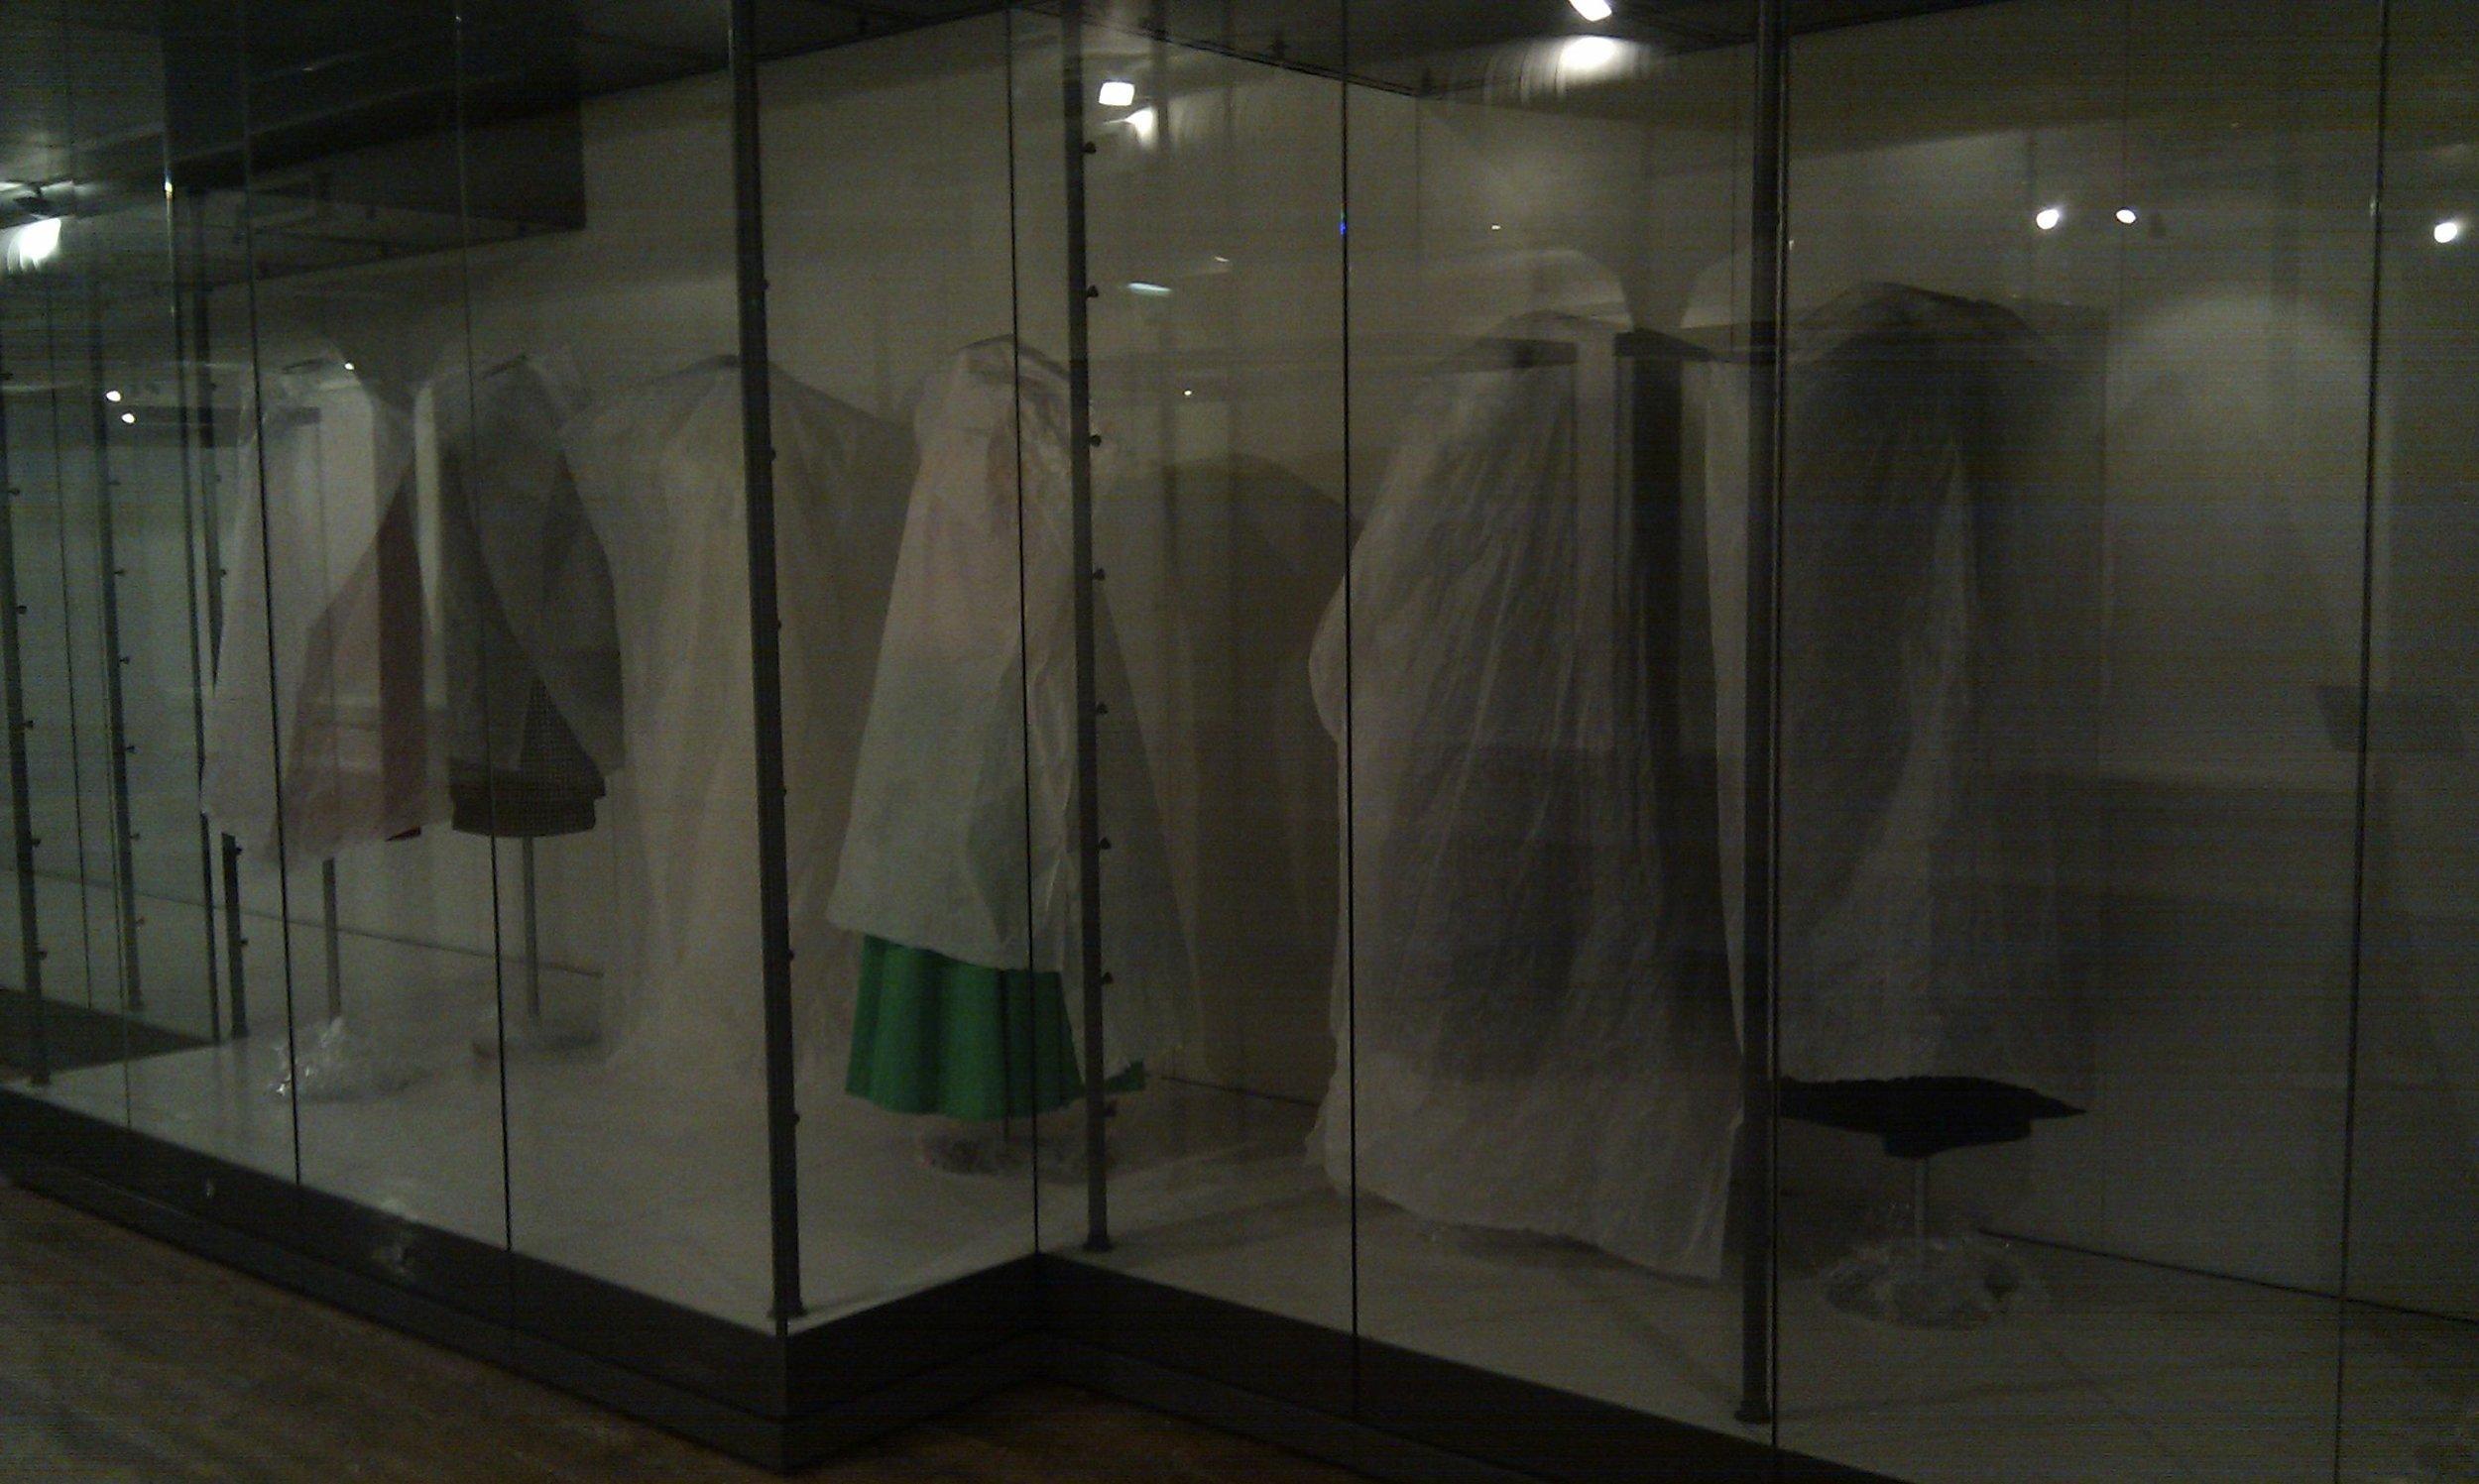 Making of an exhibition, Ib Jorgensen